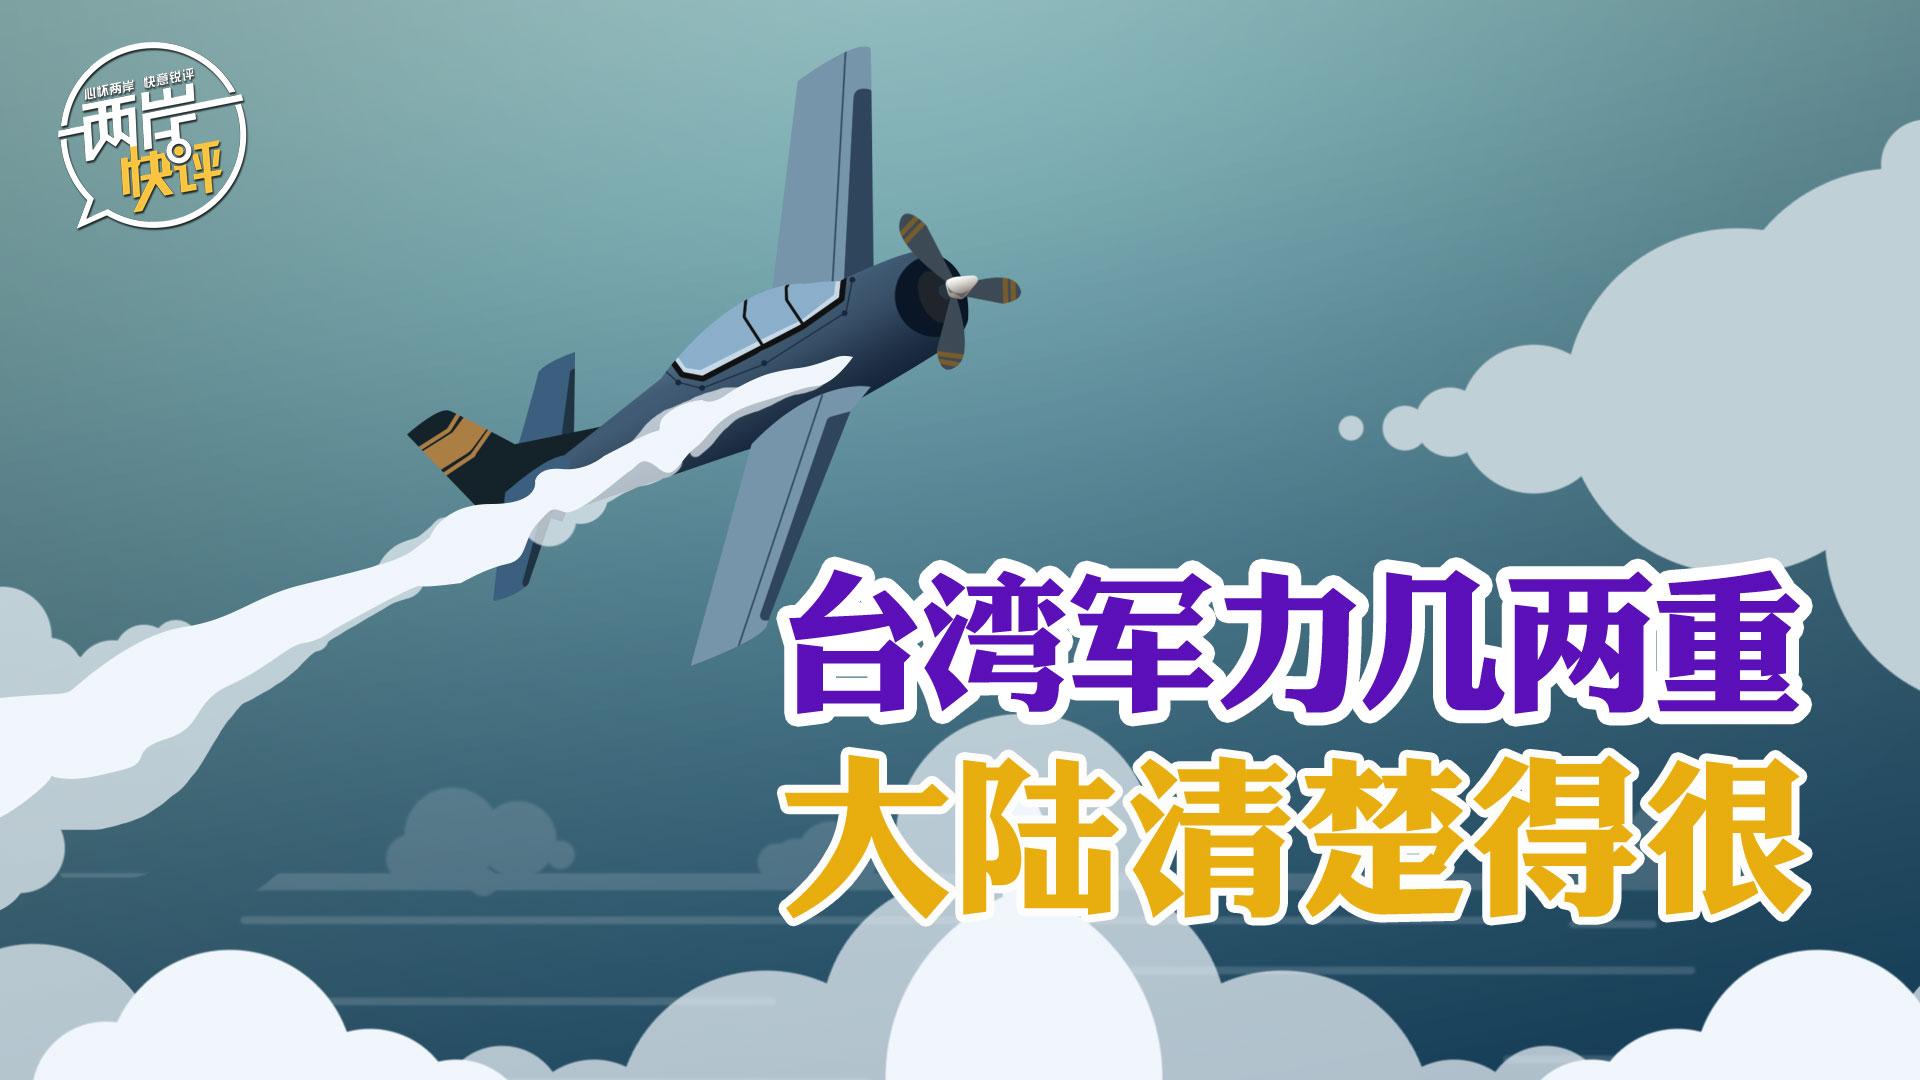 台湾军力几两重 大陆清楚得很图片